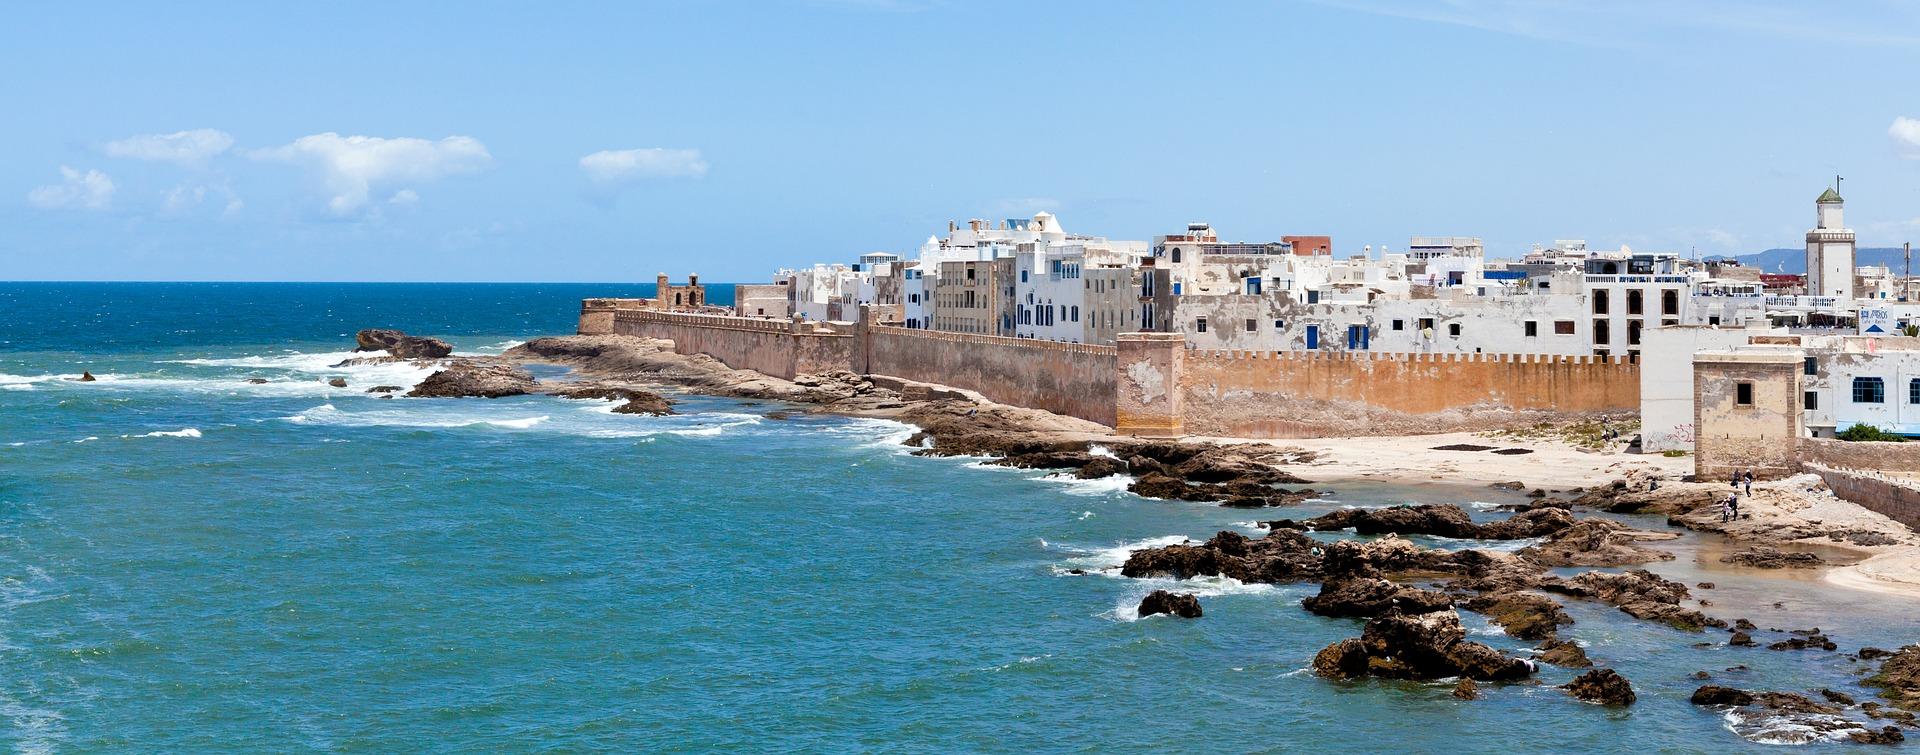 maroko, okean, plaže, letovanje